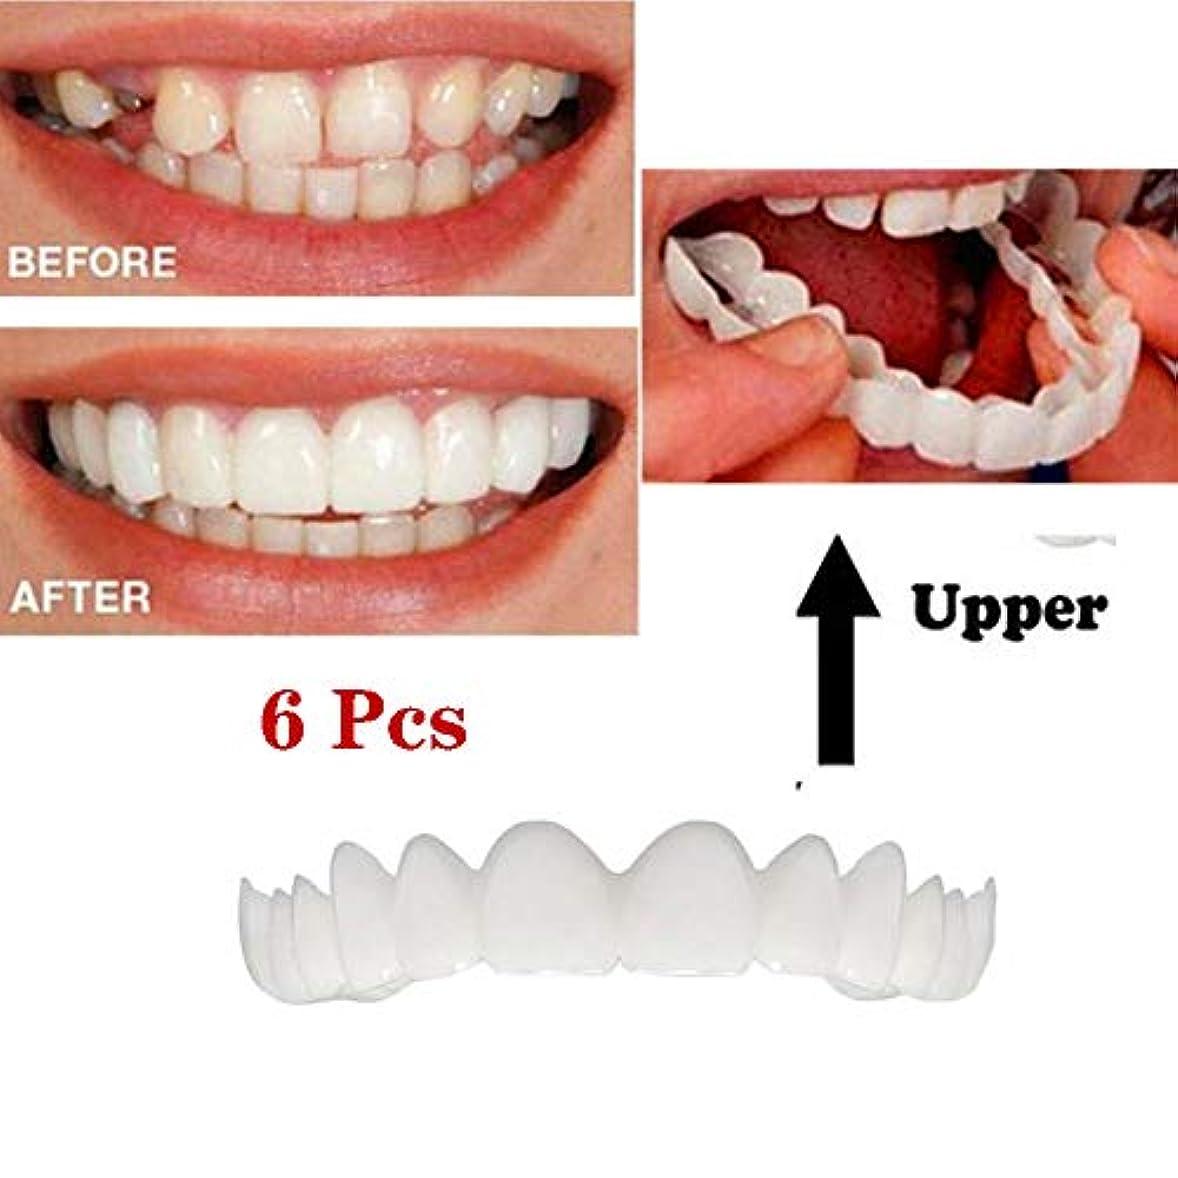 アジア人ニュースオーラル義歯口腔ケア歯ホワイトニング義歯口腔ケアアッパーブレース一時的な化粧品歯義歯 - 6本